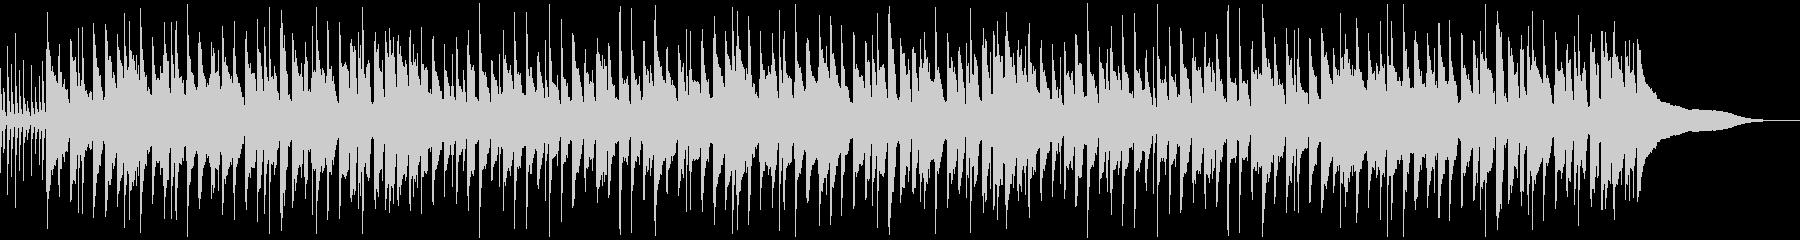 カントリー風ほのぼのBGMの未再生の波形